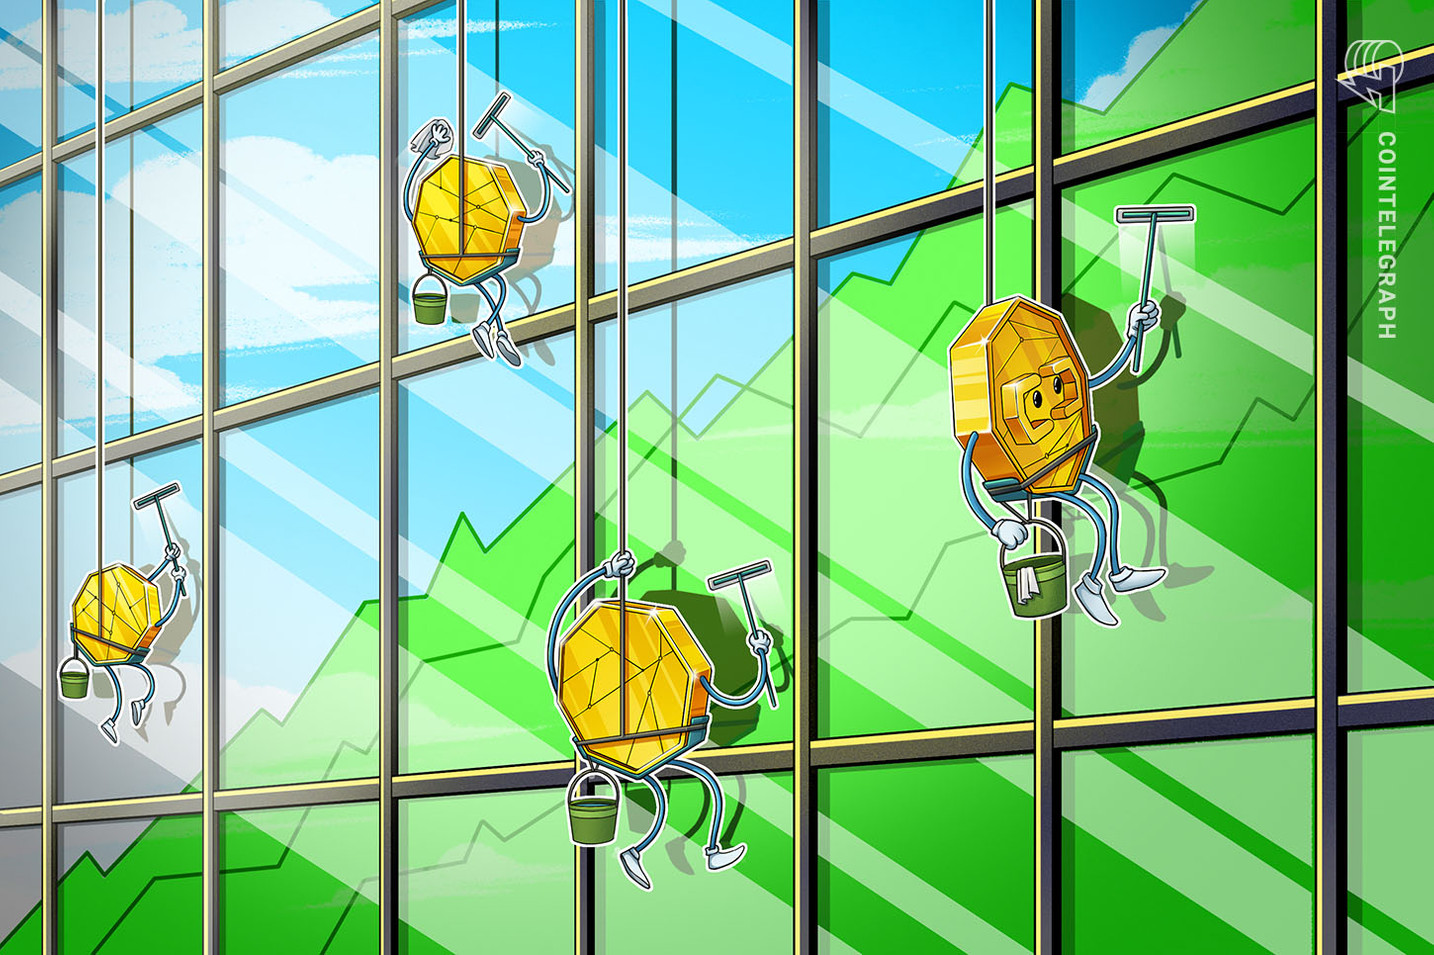 Prezzo di Ethereum stabile nonostante l'hard fork, lievi guadagni per le altcoin